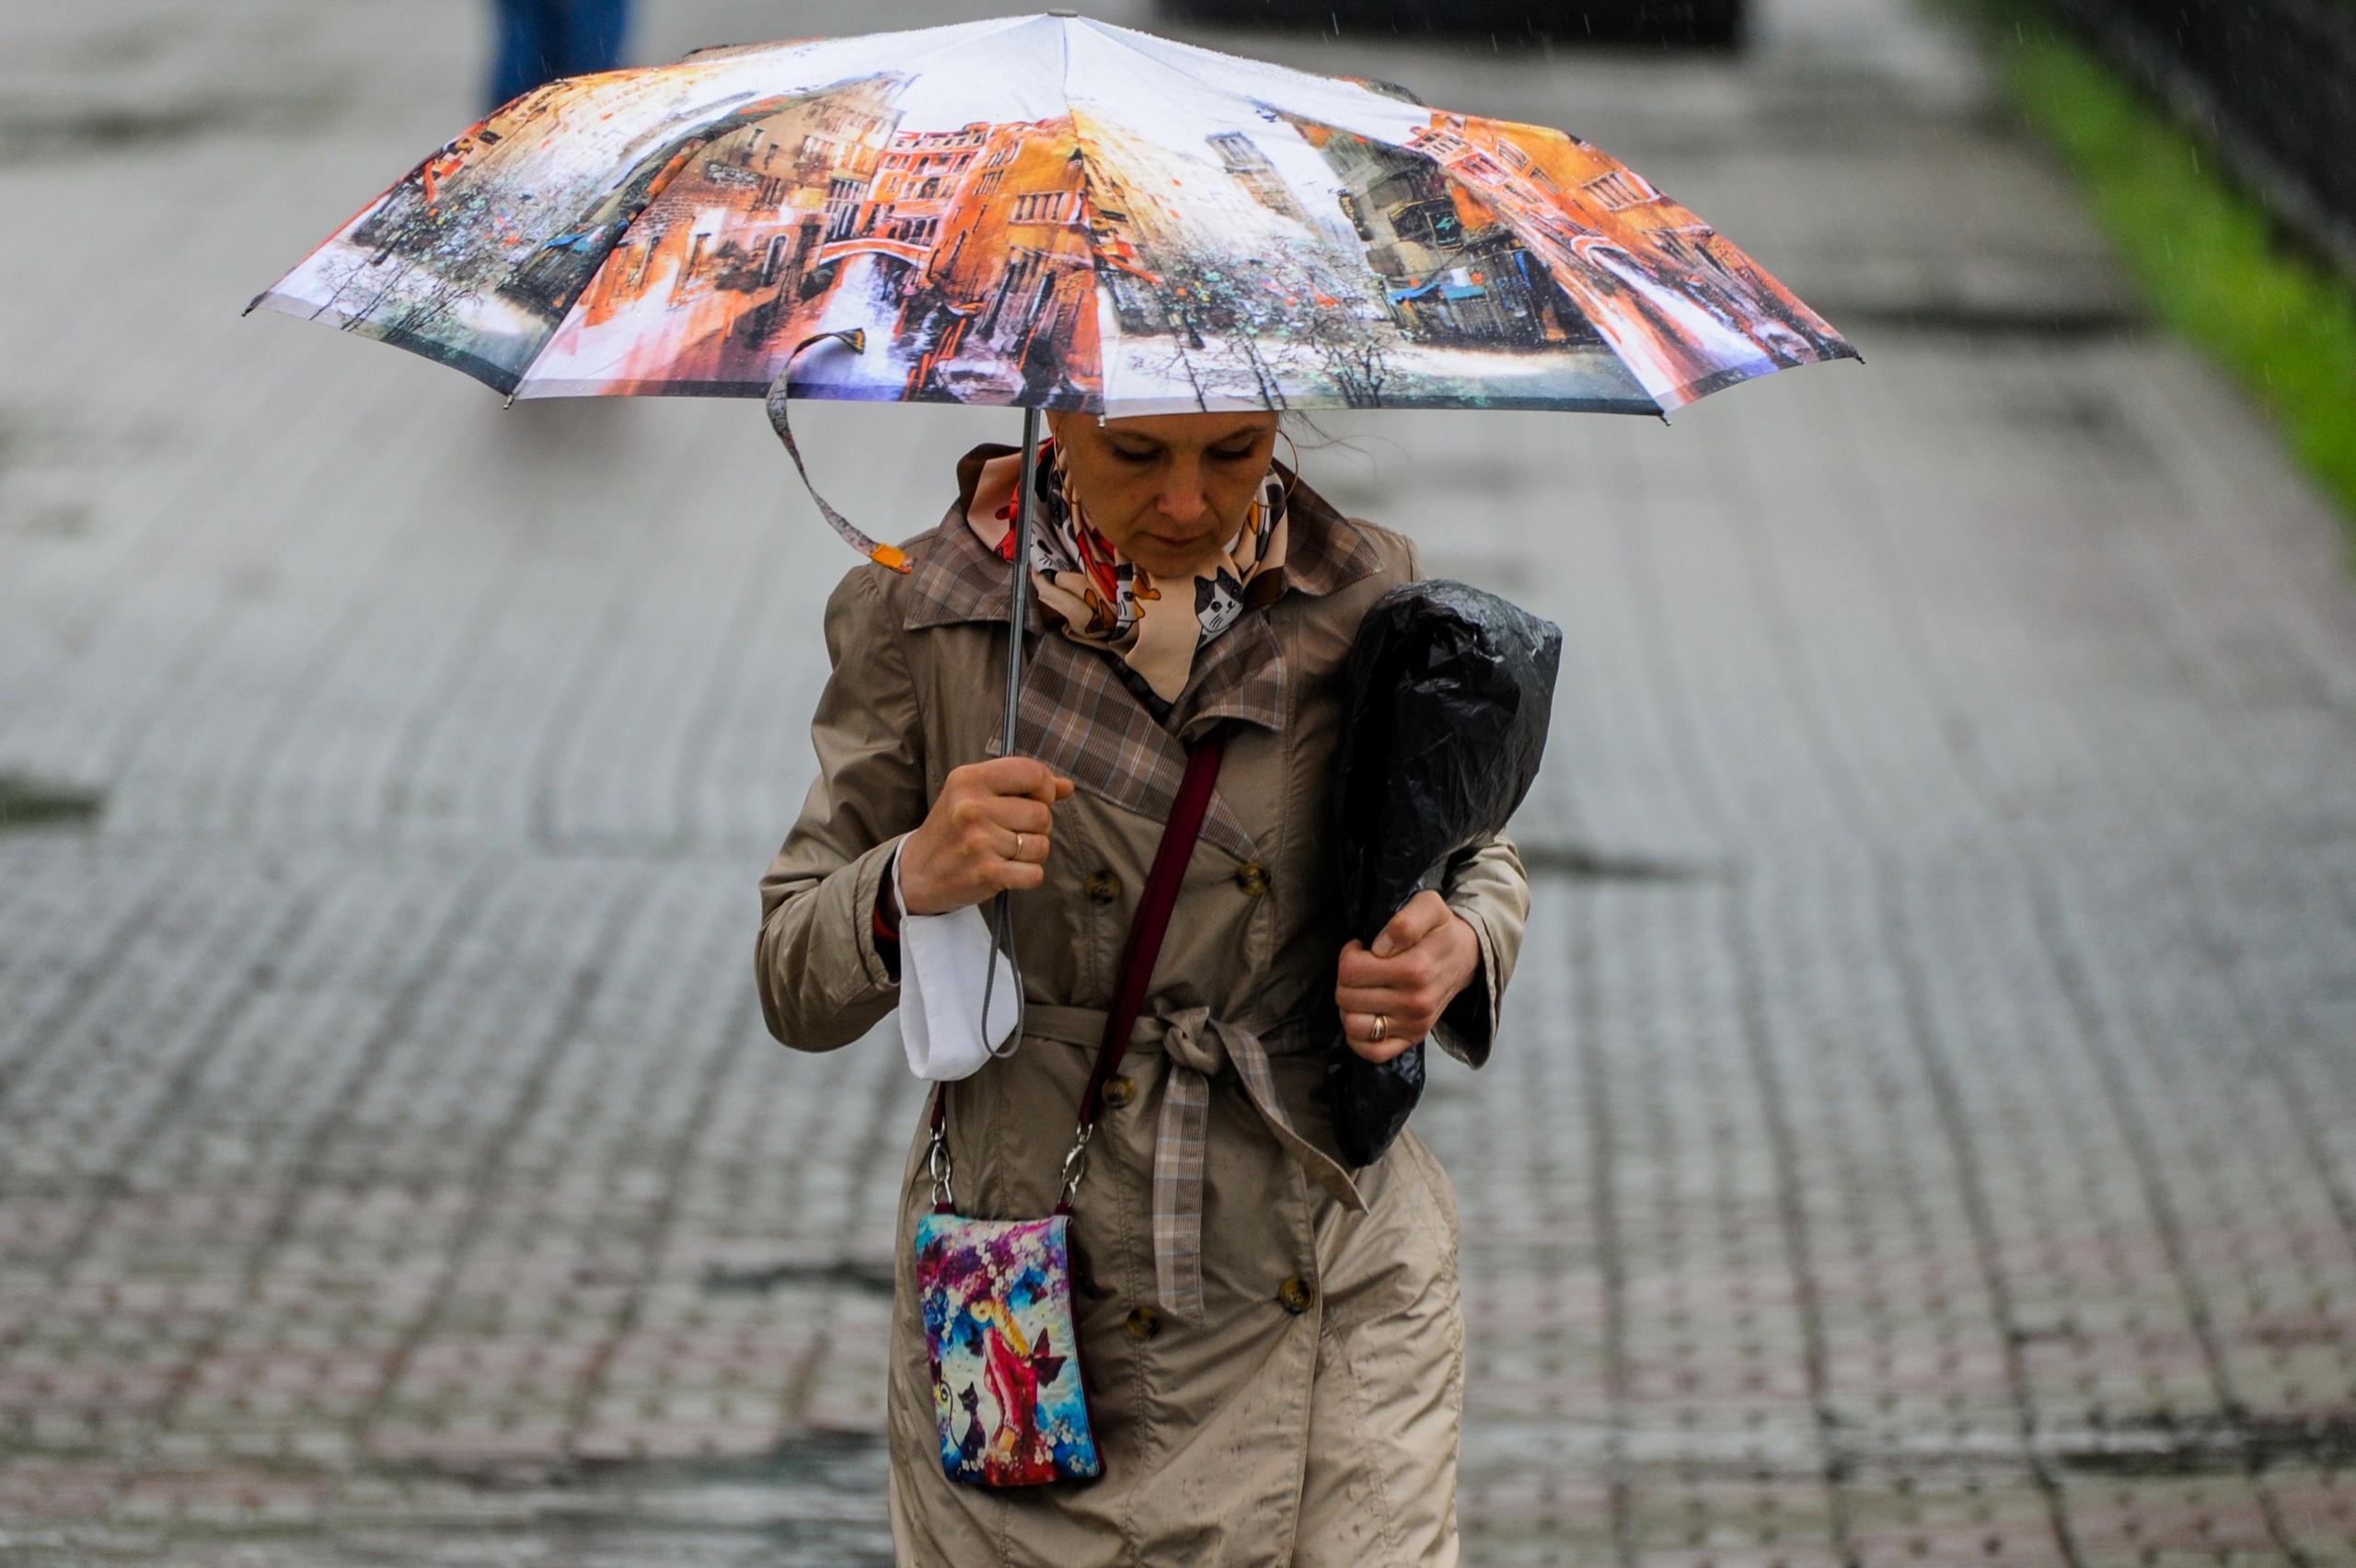 22 июля в Тюмени прогнозируется жара